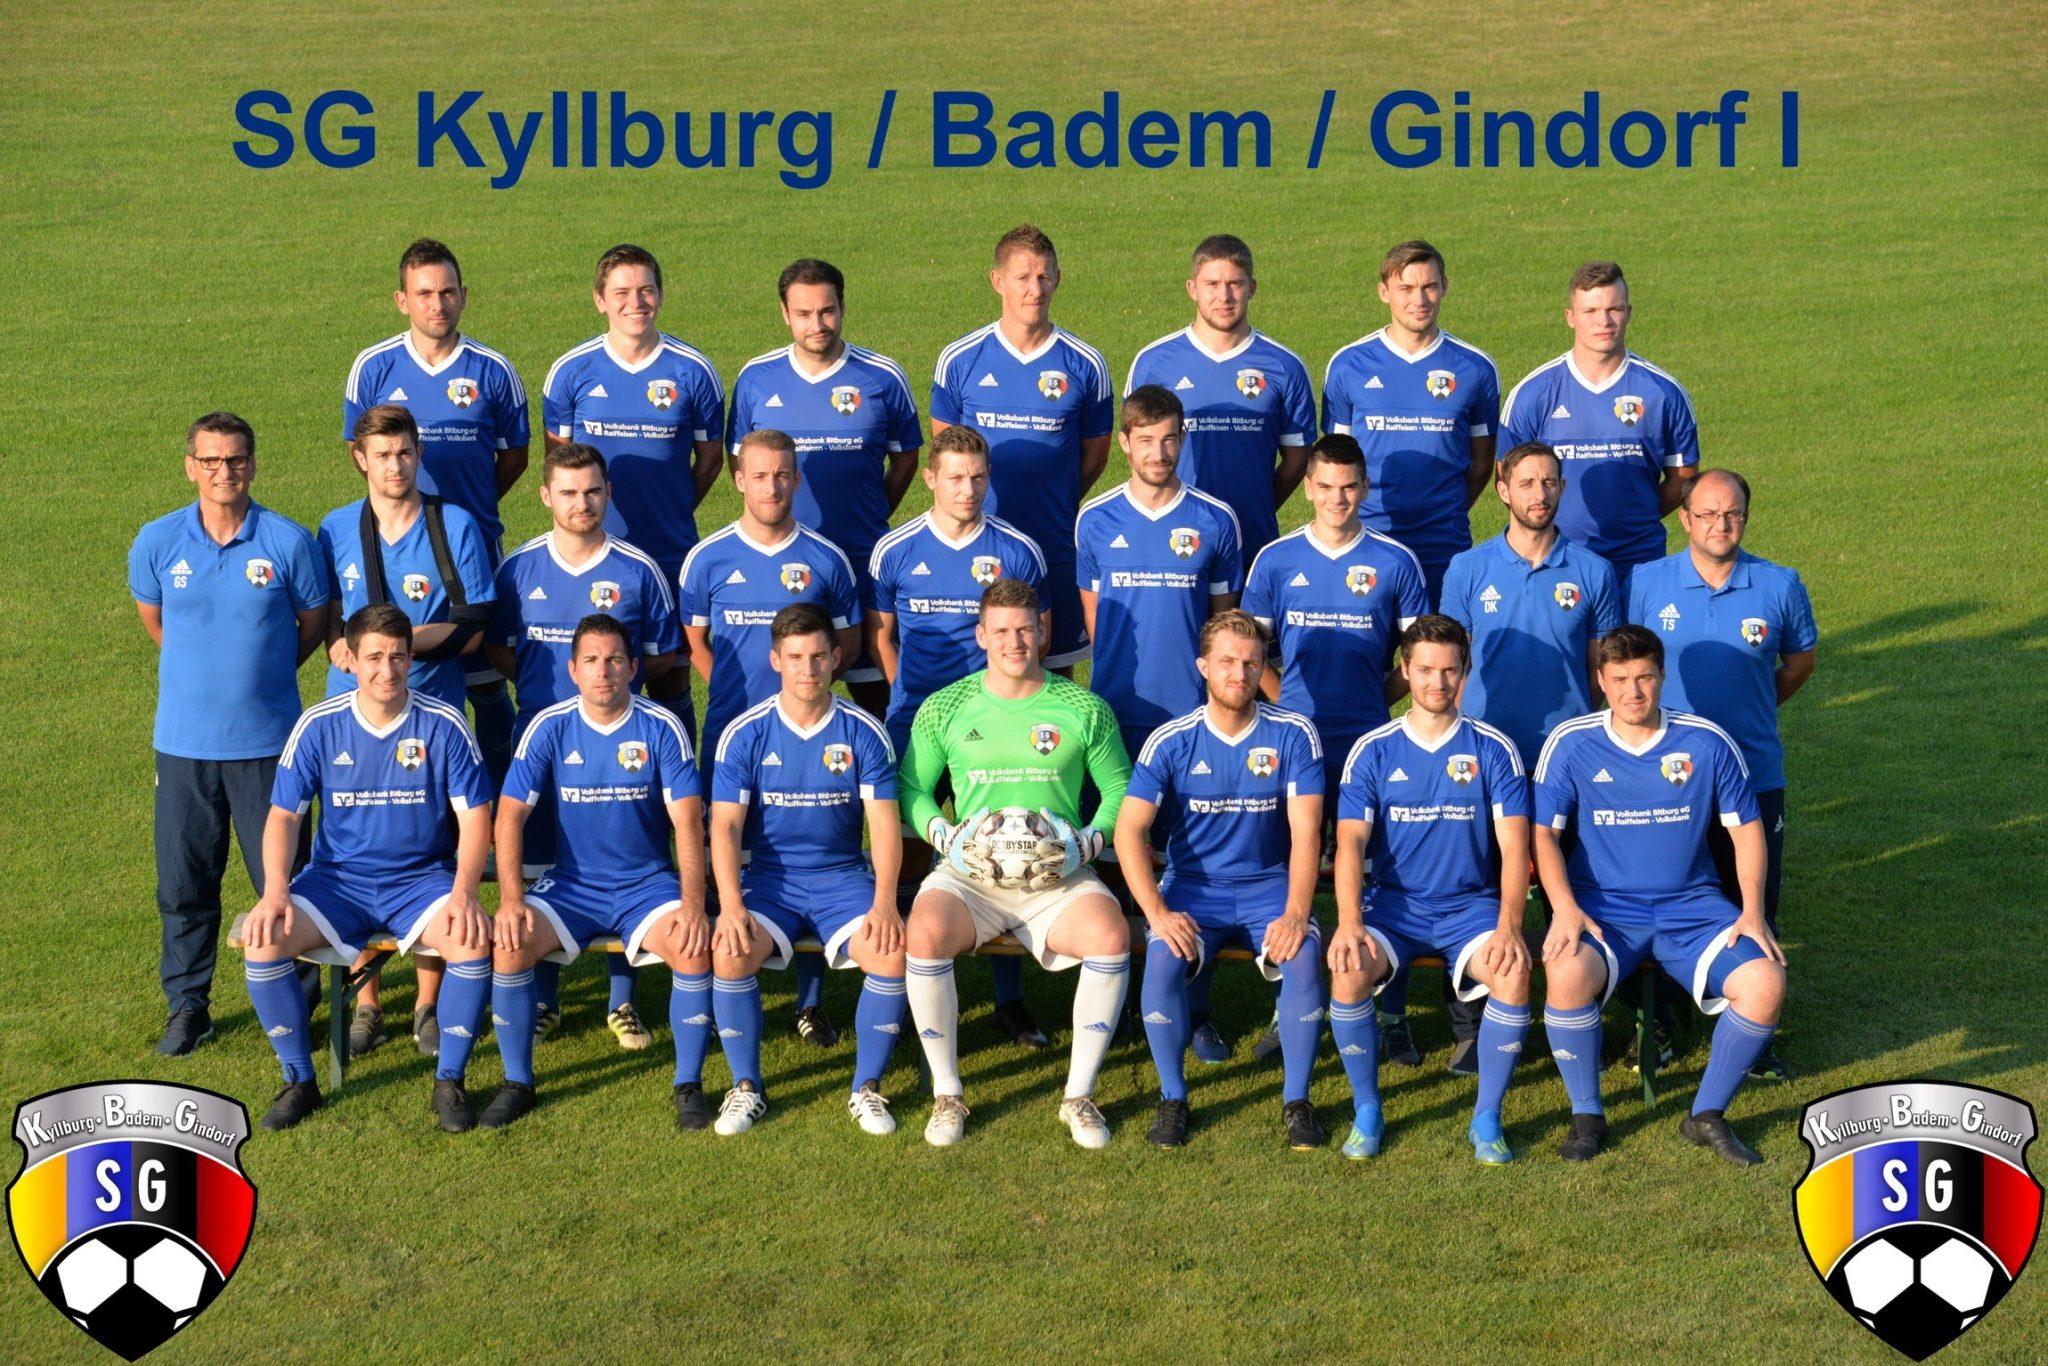 1. Saisonheimspiel der Bezirksliga am Samstag in Kyllburg!!!